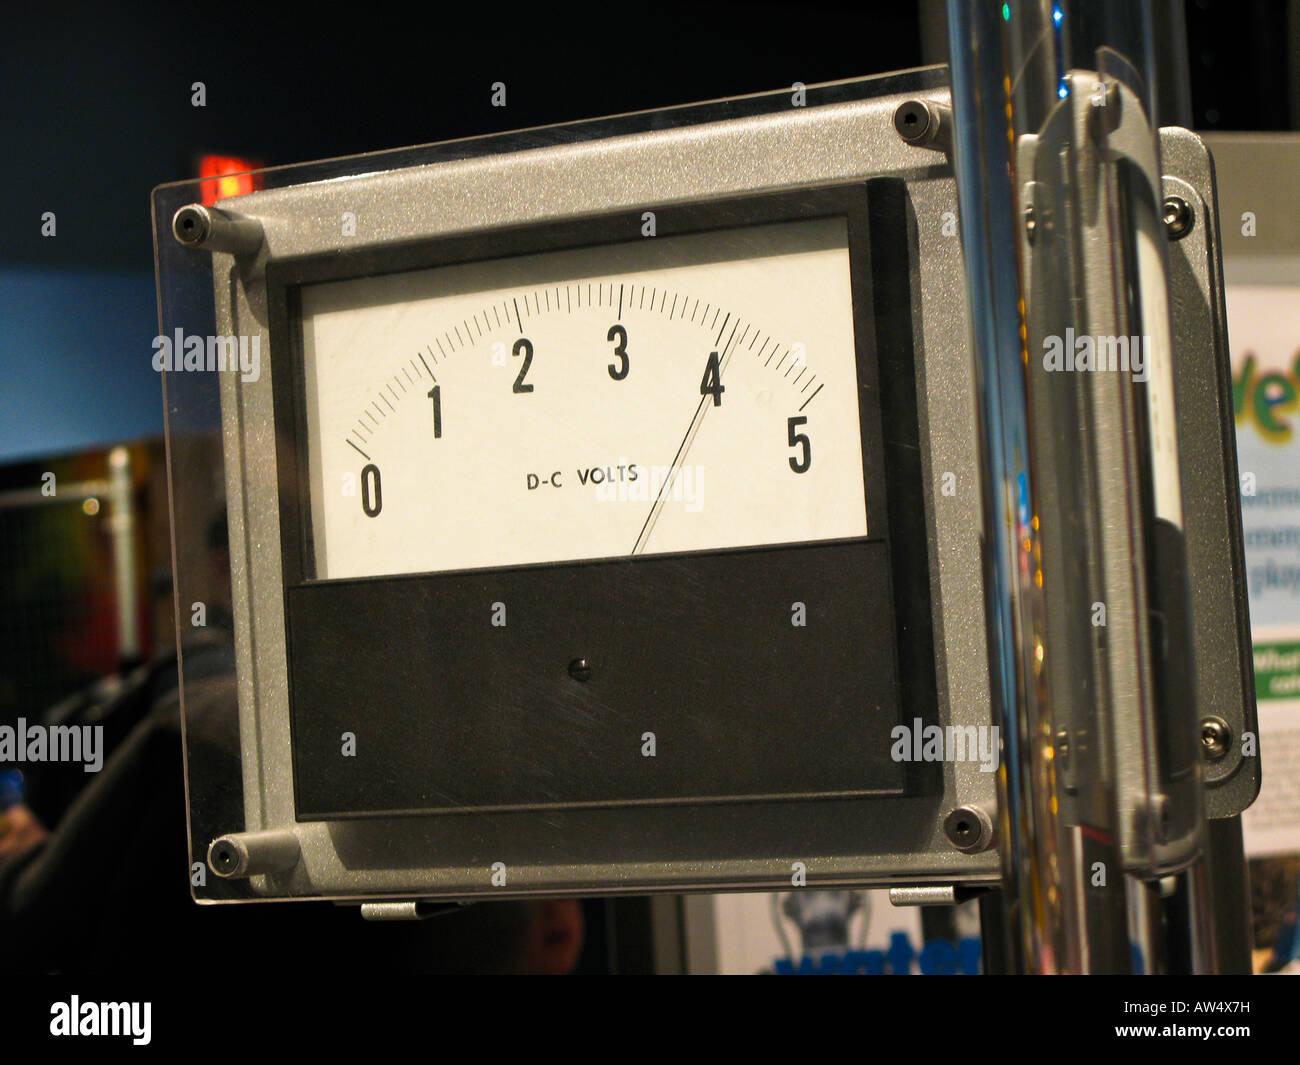 Analog voltmeter - Stock Image